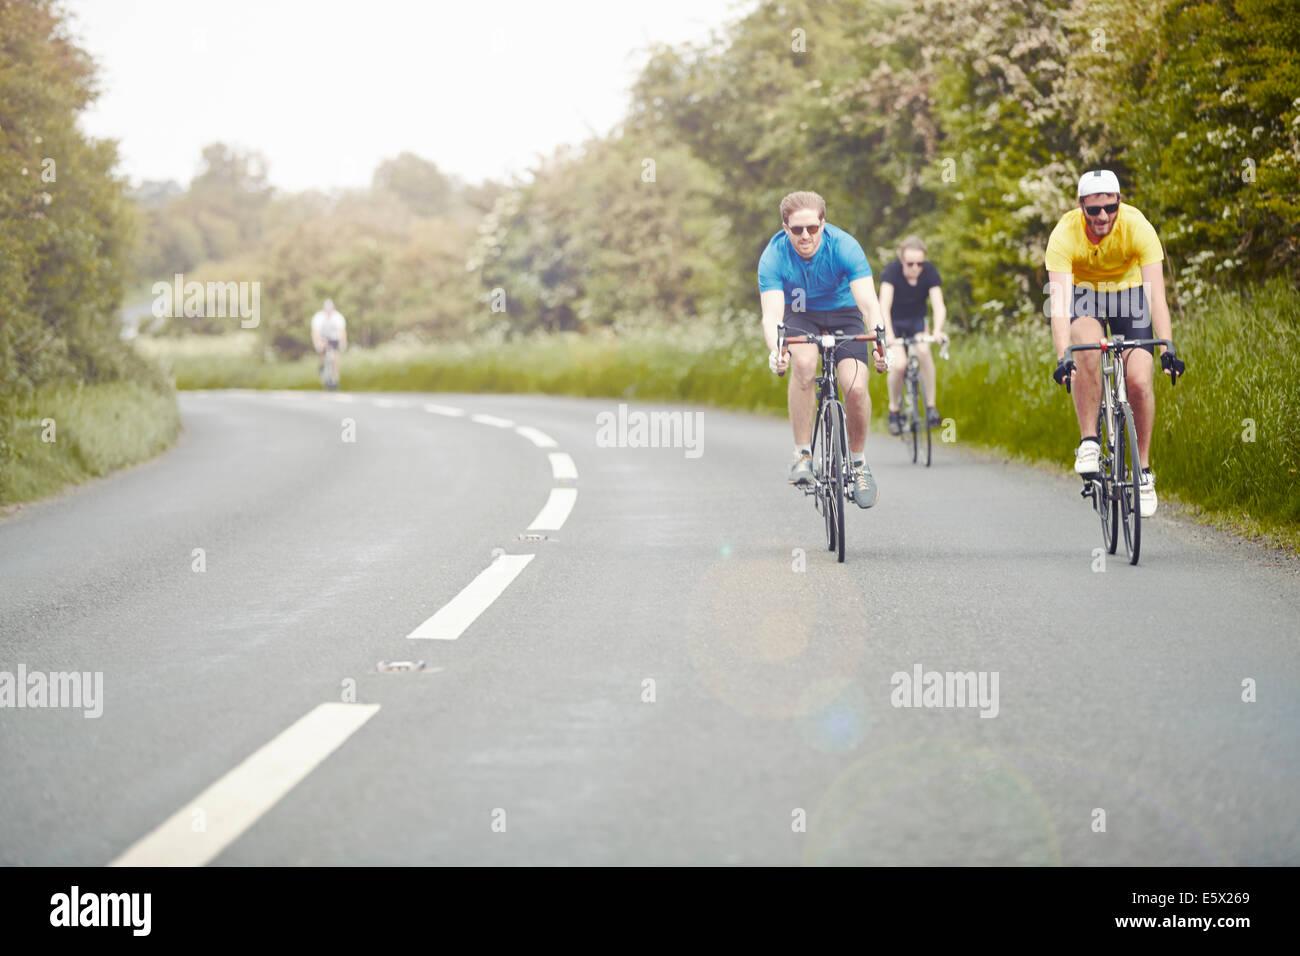 Radfahrer fahren auf einspurigen, Cotswolds, UK Stockbild